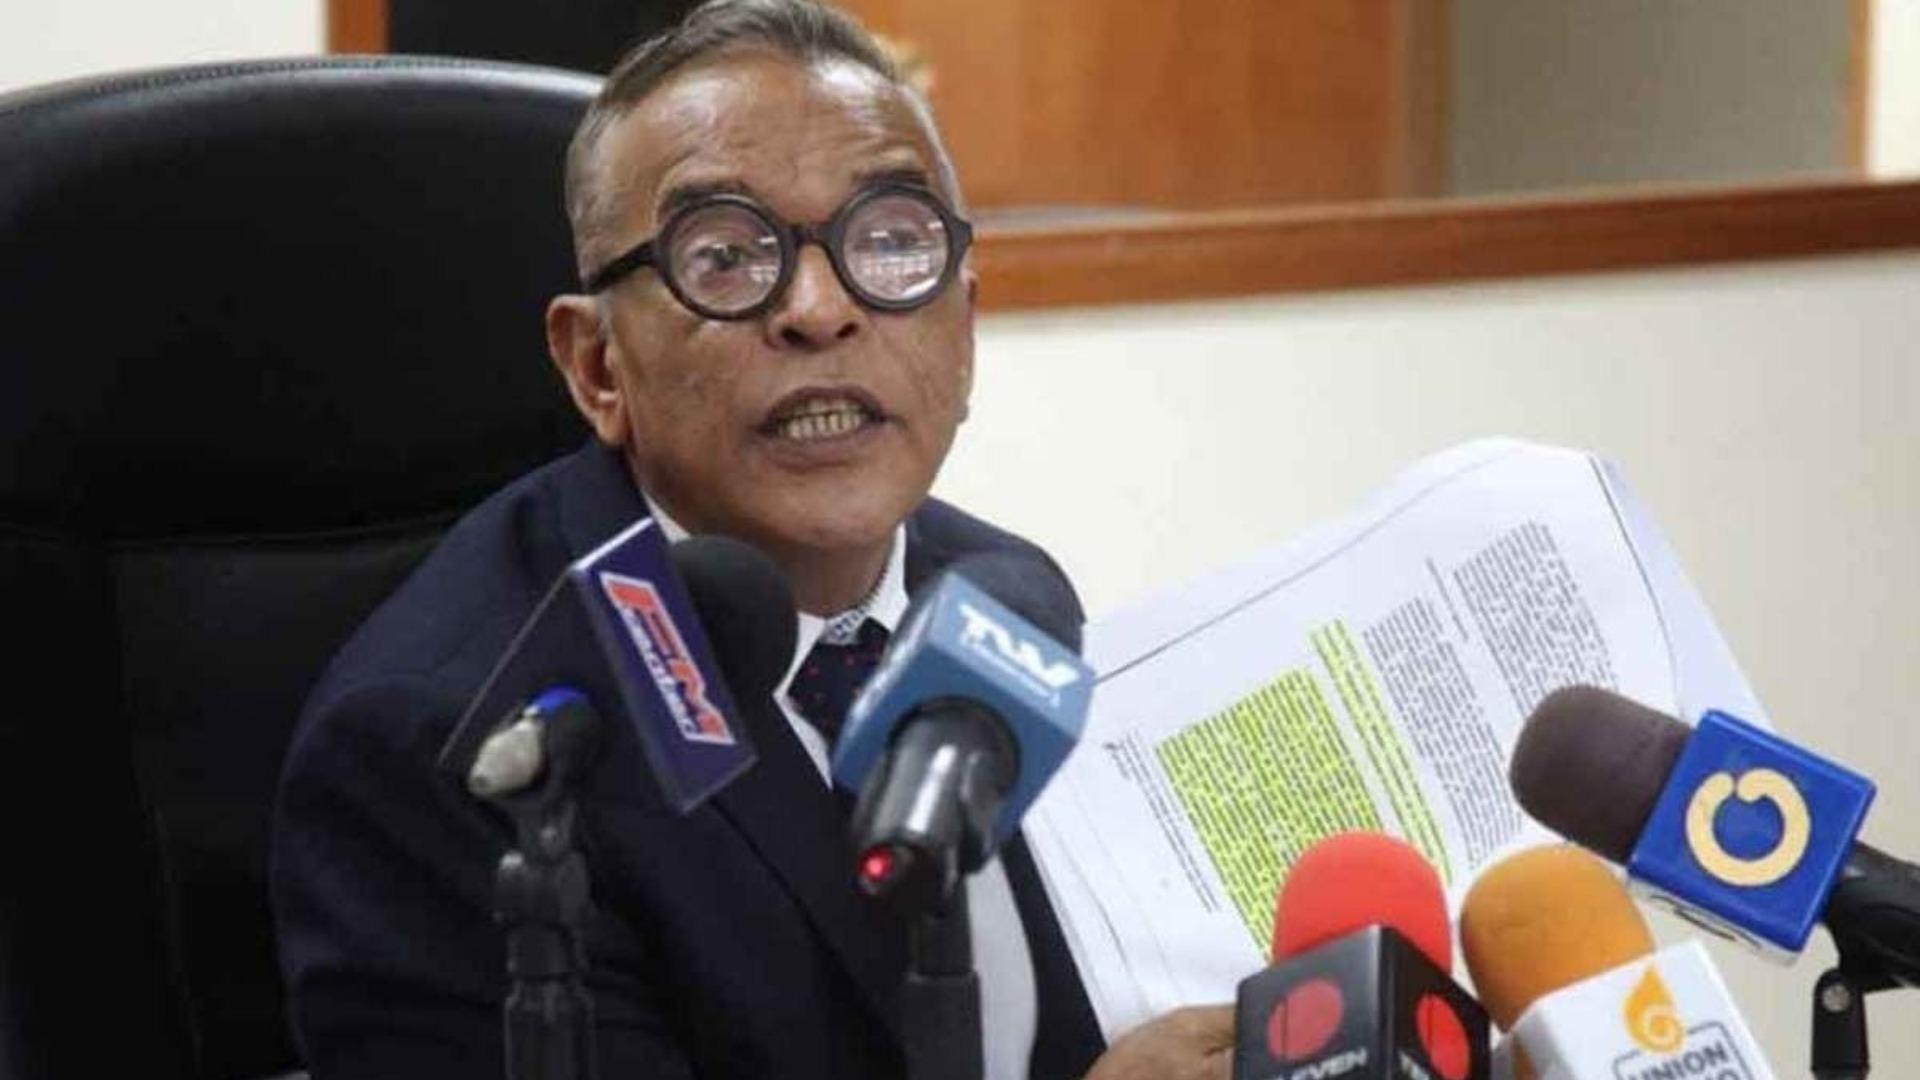 William Barrientos desmiente su participación en supuesta trama de corrupción